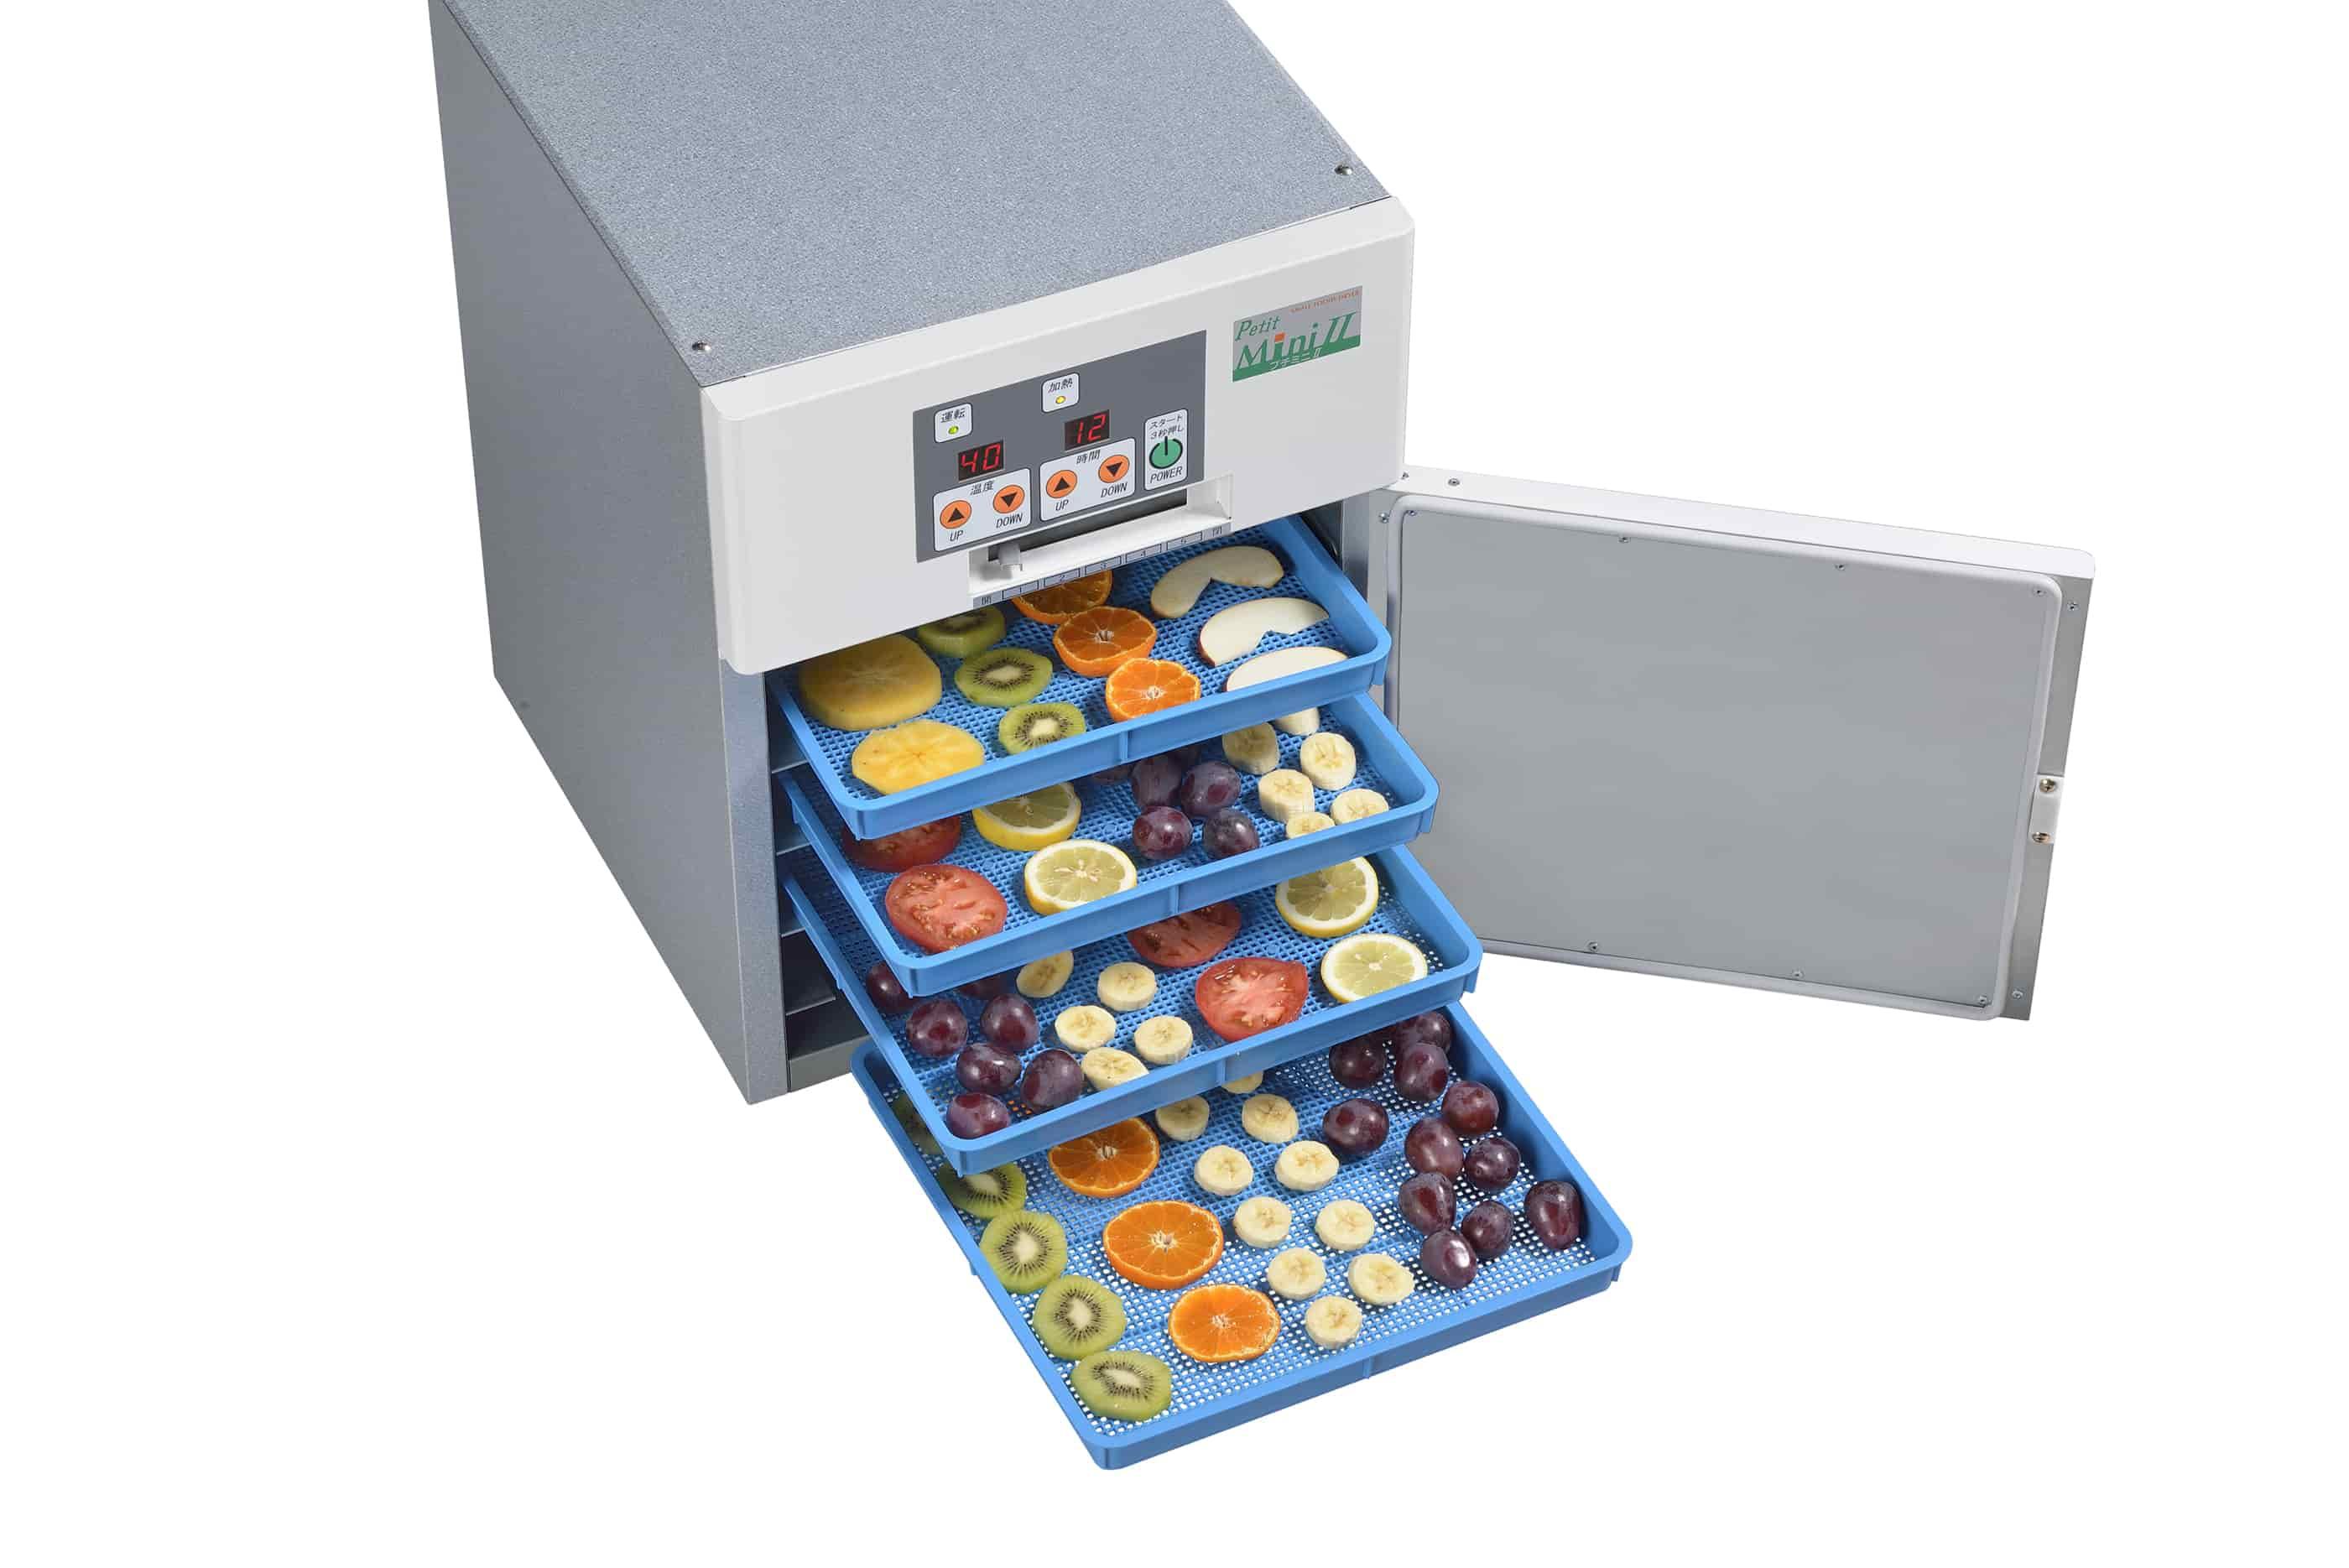 電気乾燥機プチミニⅡ